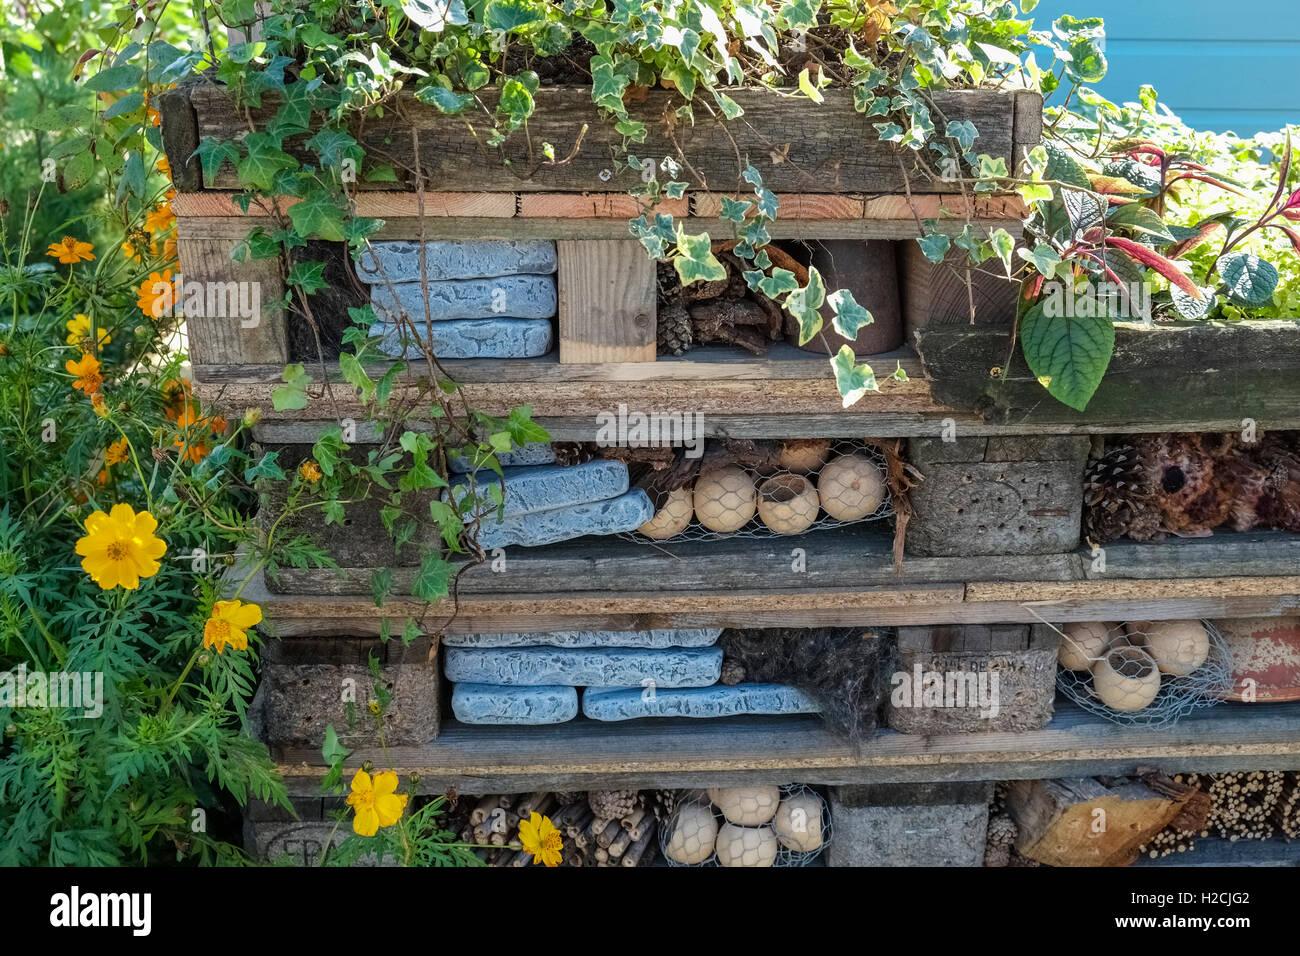 Un Joli Bug Hotel Fabrique A Partir De Palettes En Bois Pour